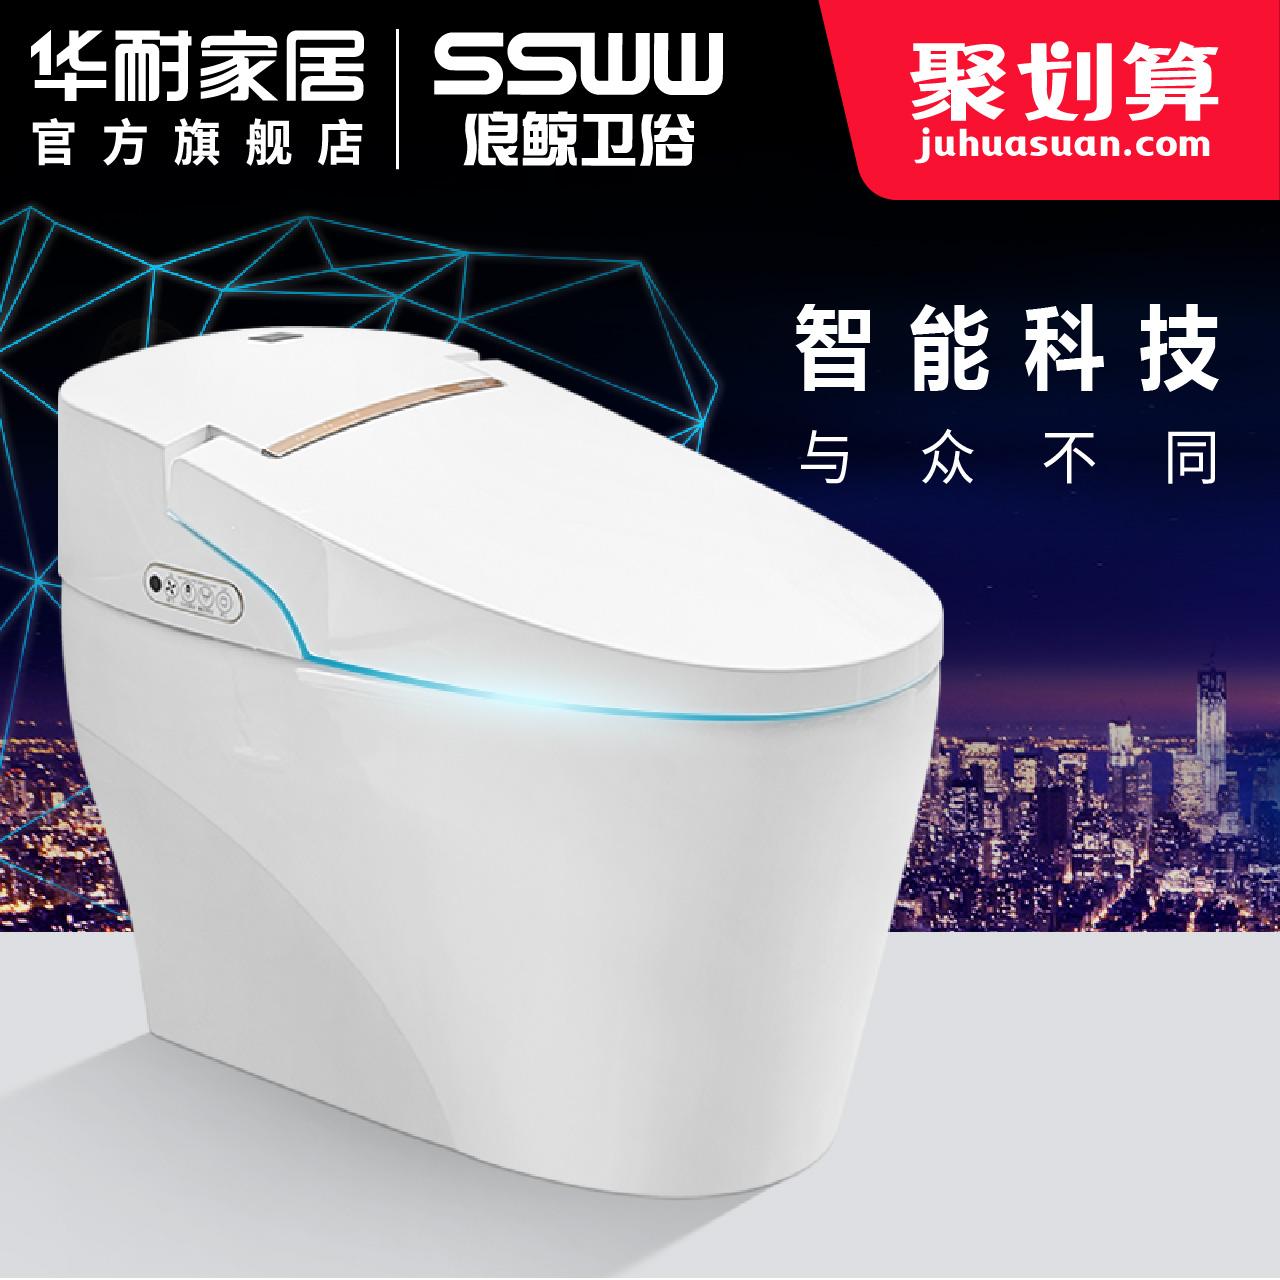 浪鲸卫浴多功能智能马桶EICO501新品马桶遥控智能冲洗马桶一体式